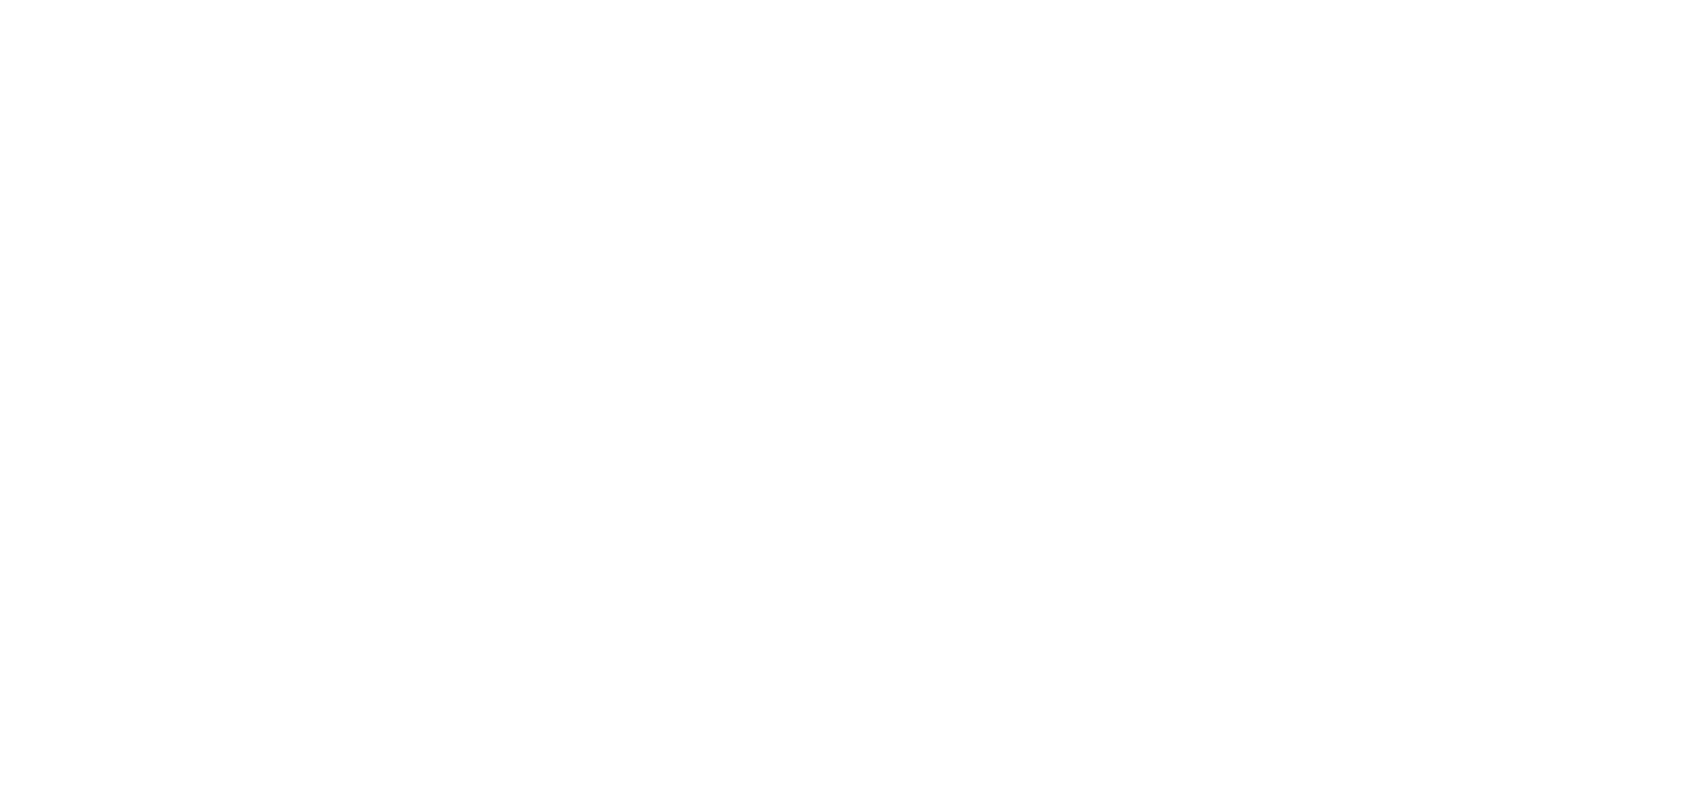 Eyedro Logo Colour Background